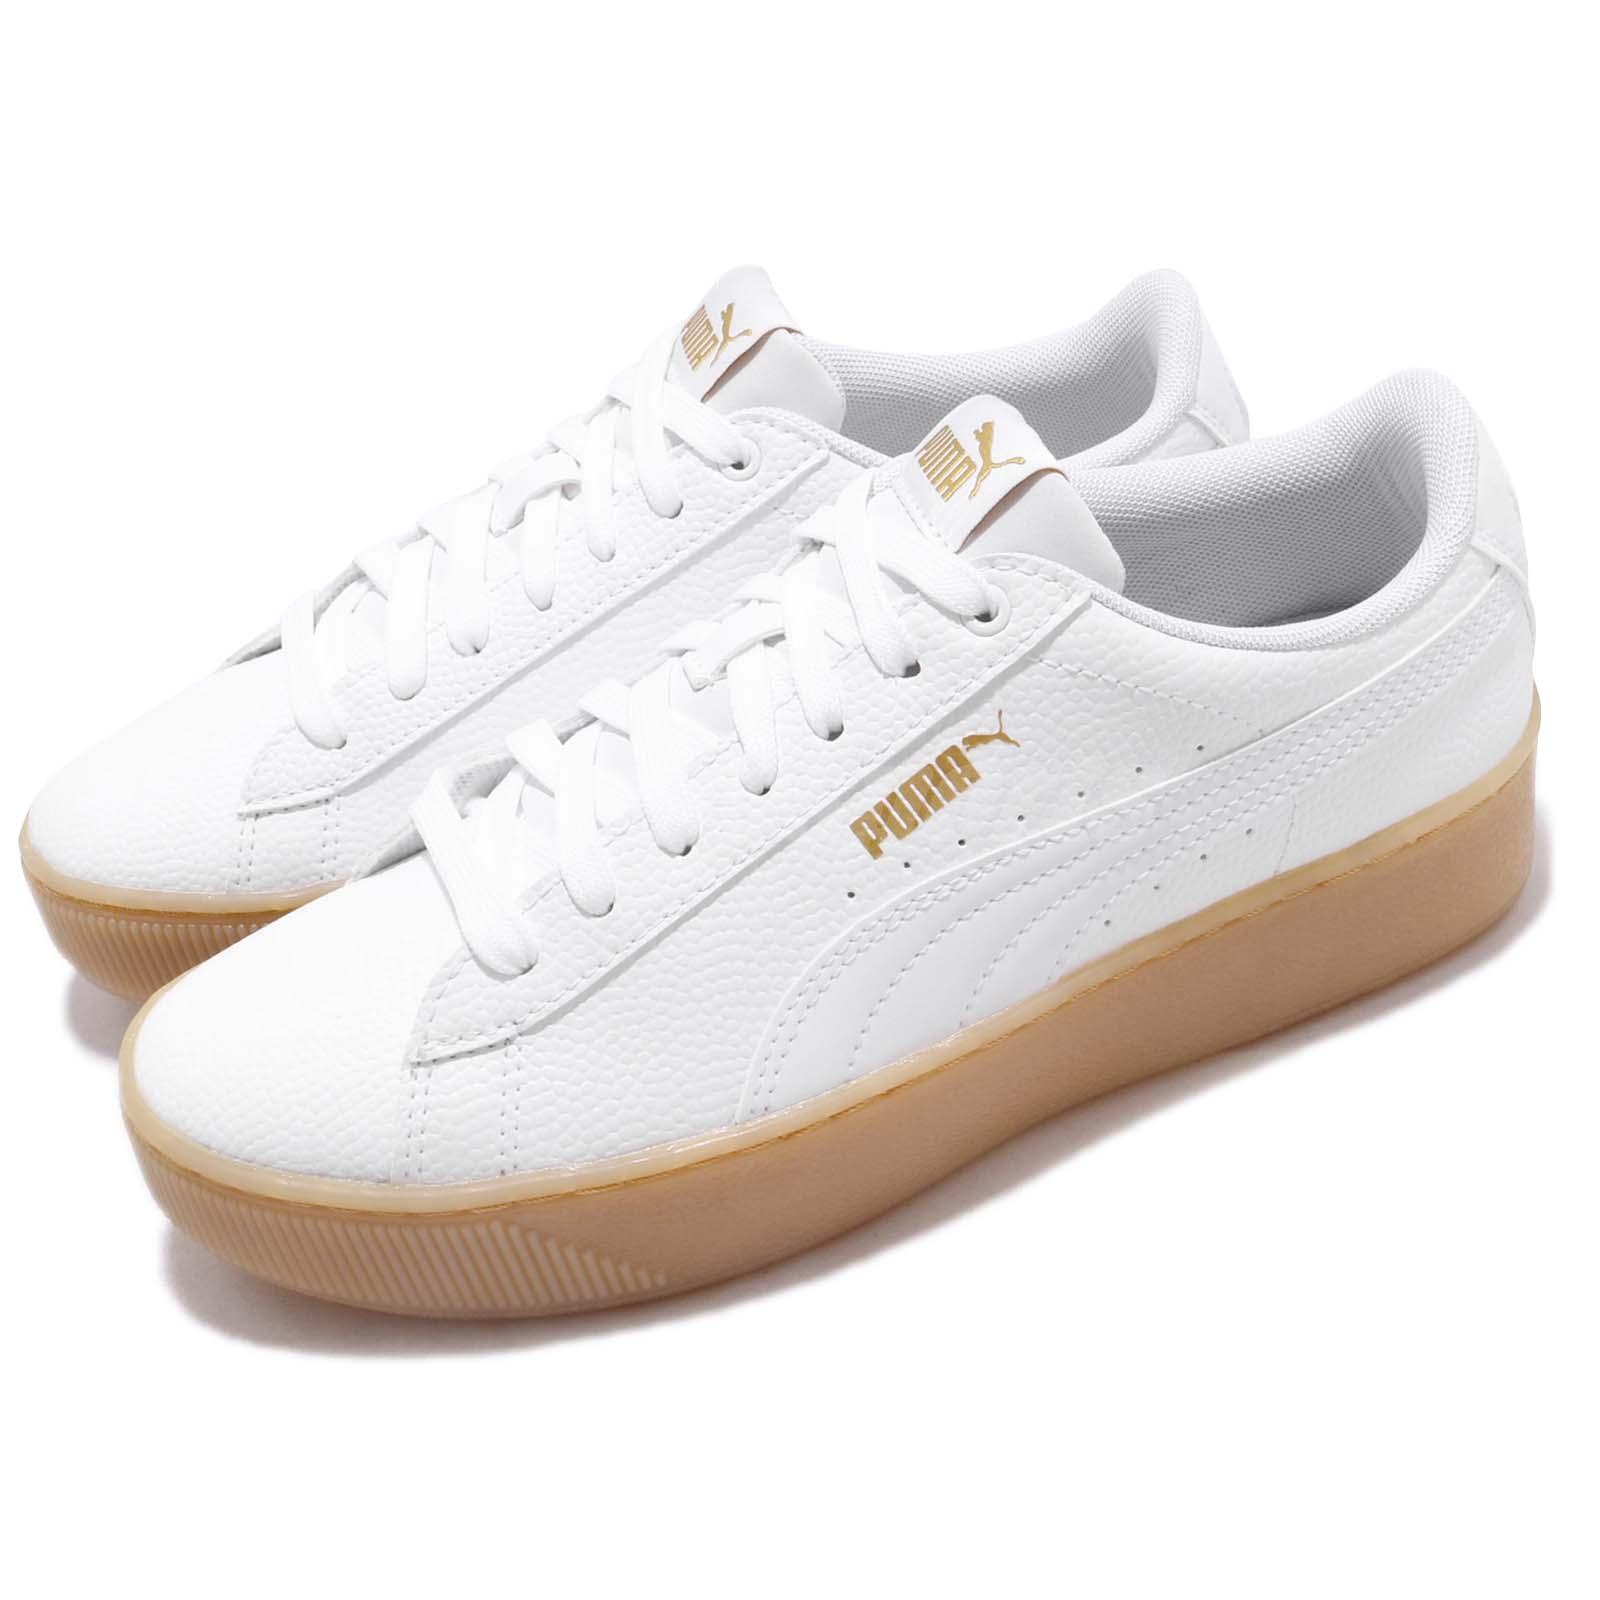 Puma Vikky Platform VT White Gum Women Lifestyle Casual Shoes ... 2f22aac91